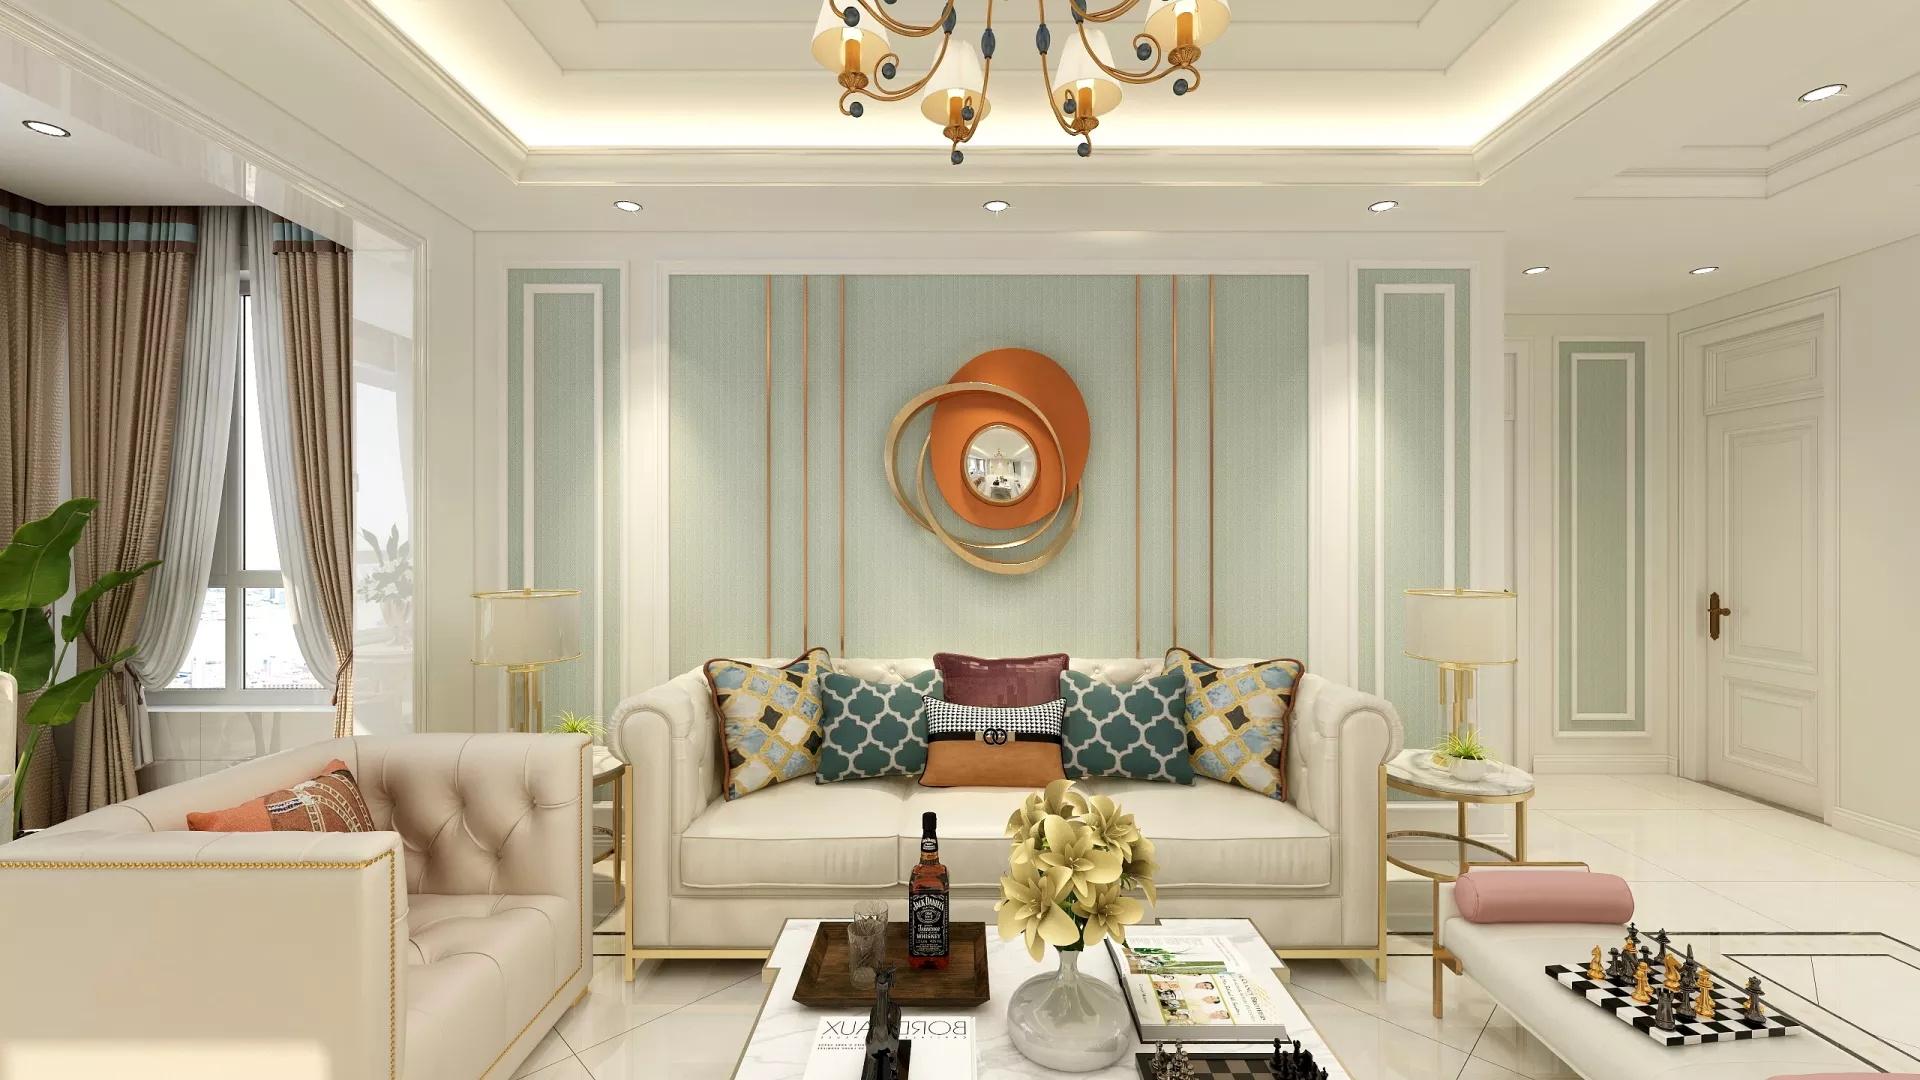 客厅,简约风格,美式风格,沙发,灯具,茶几,简洁,温馨